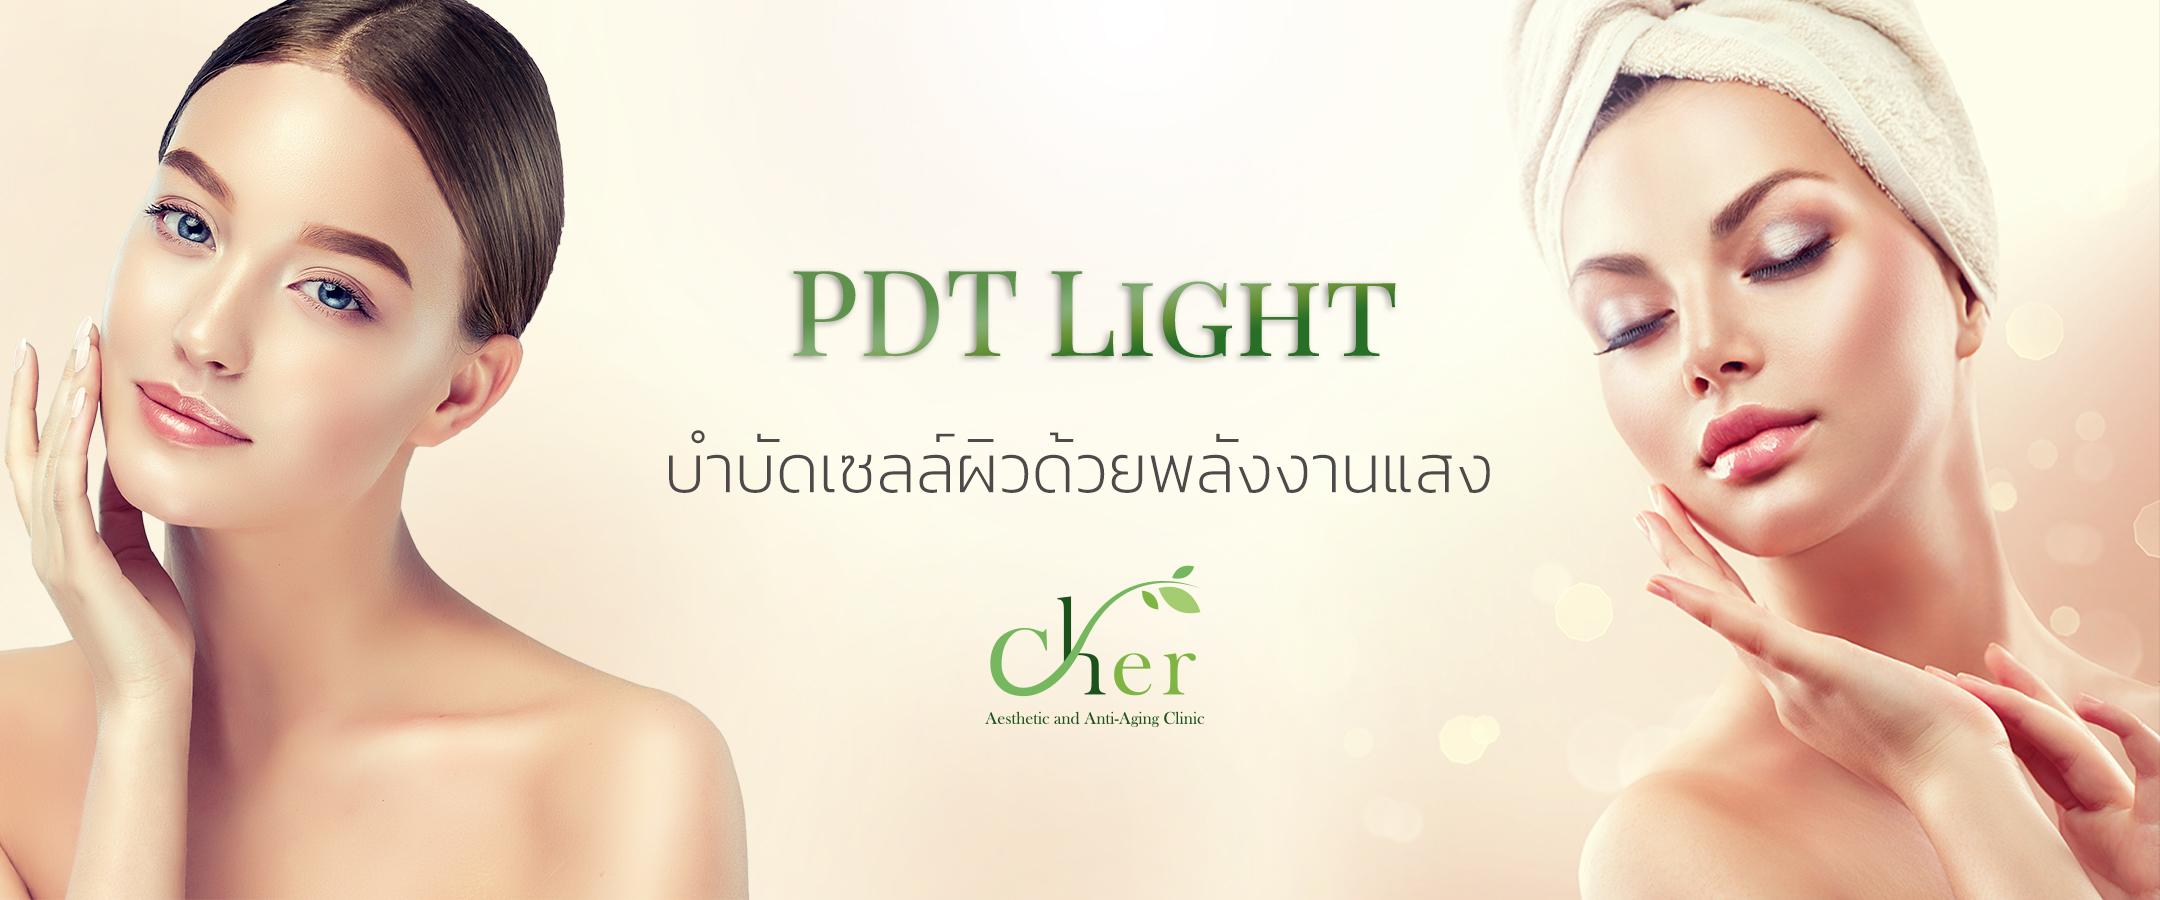 PDI light L